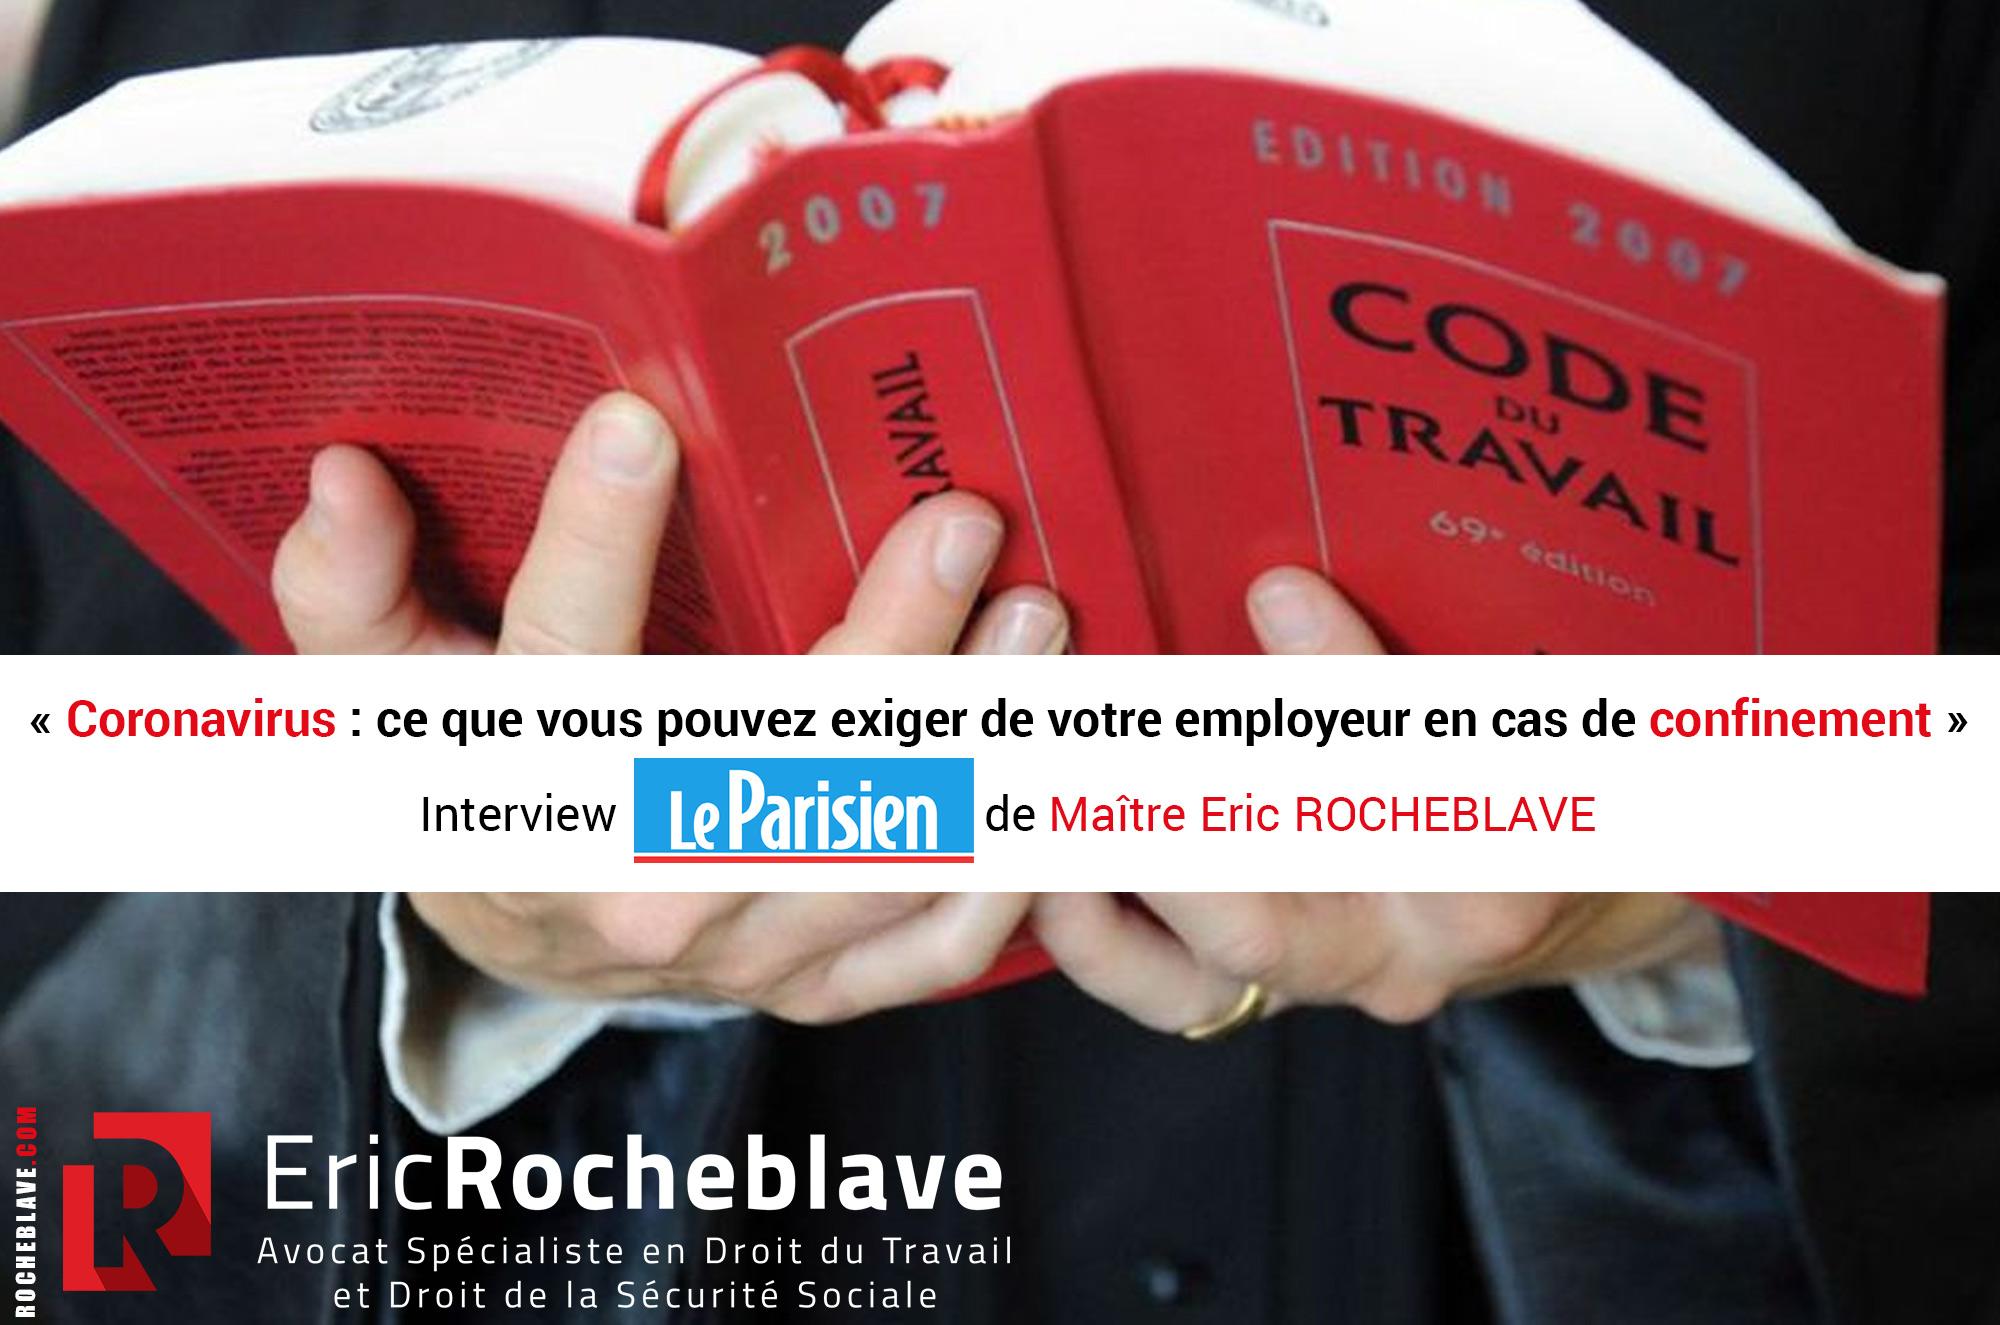 « Coronavirus : ce que vous pouvez exiger de votre employeur en cas de confinement » Interview Le Parisien de Maître Eric ROCHEBLAVE